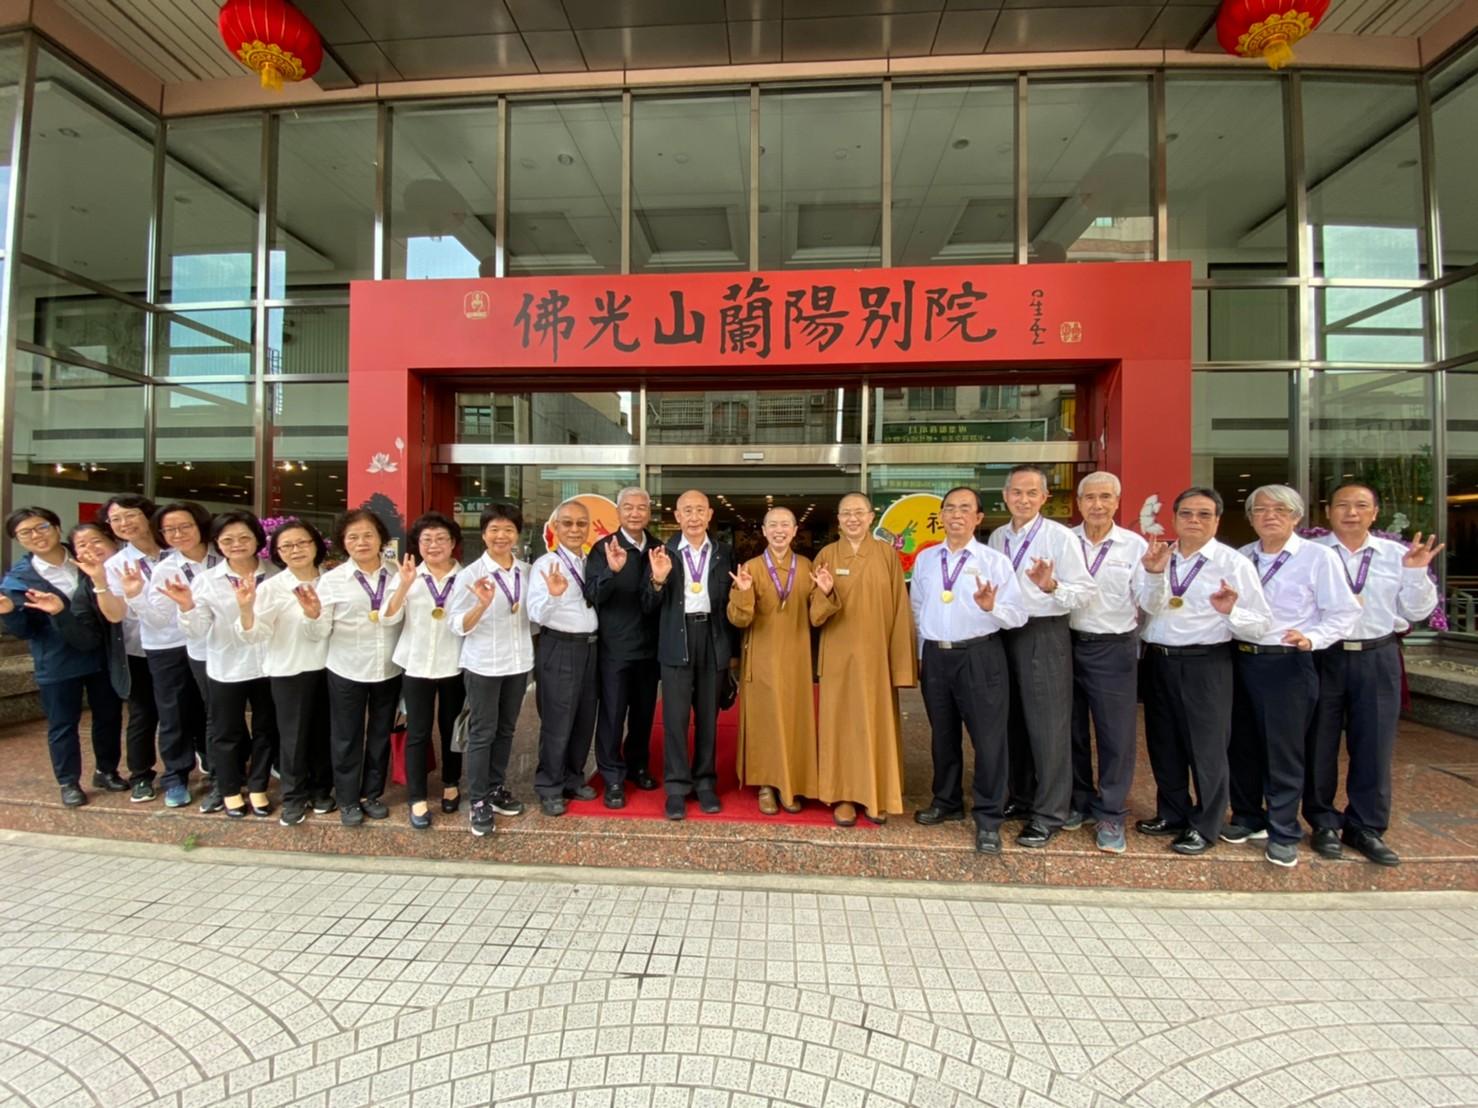 中華傳統宗教總會參訪宜蘭宮廟 凝聚信仰傳承共識